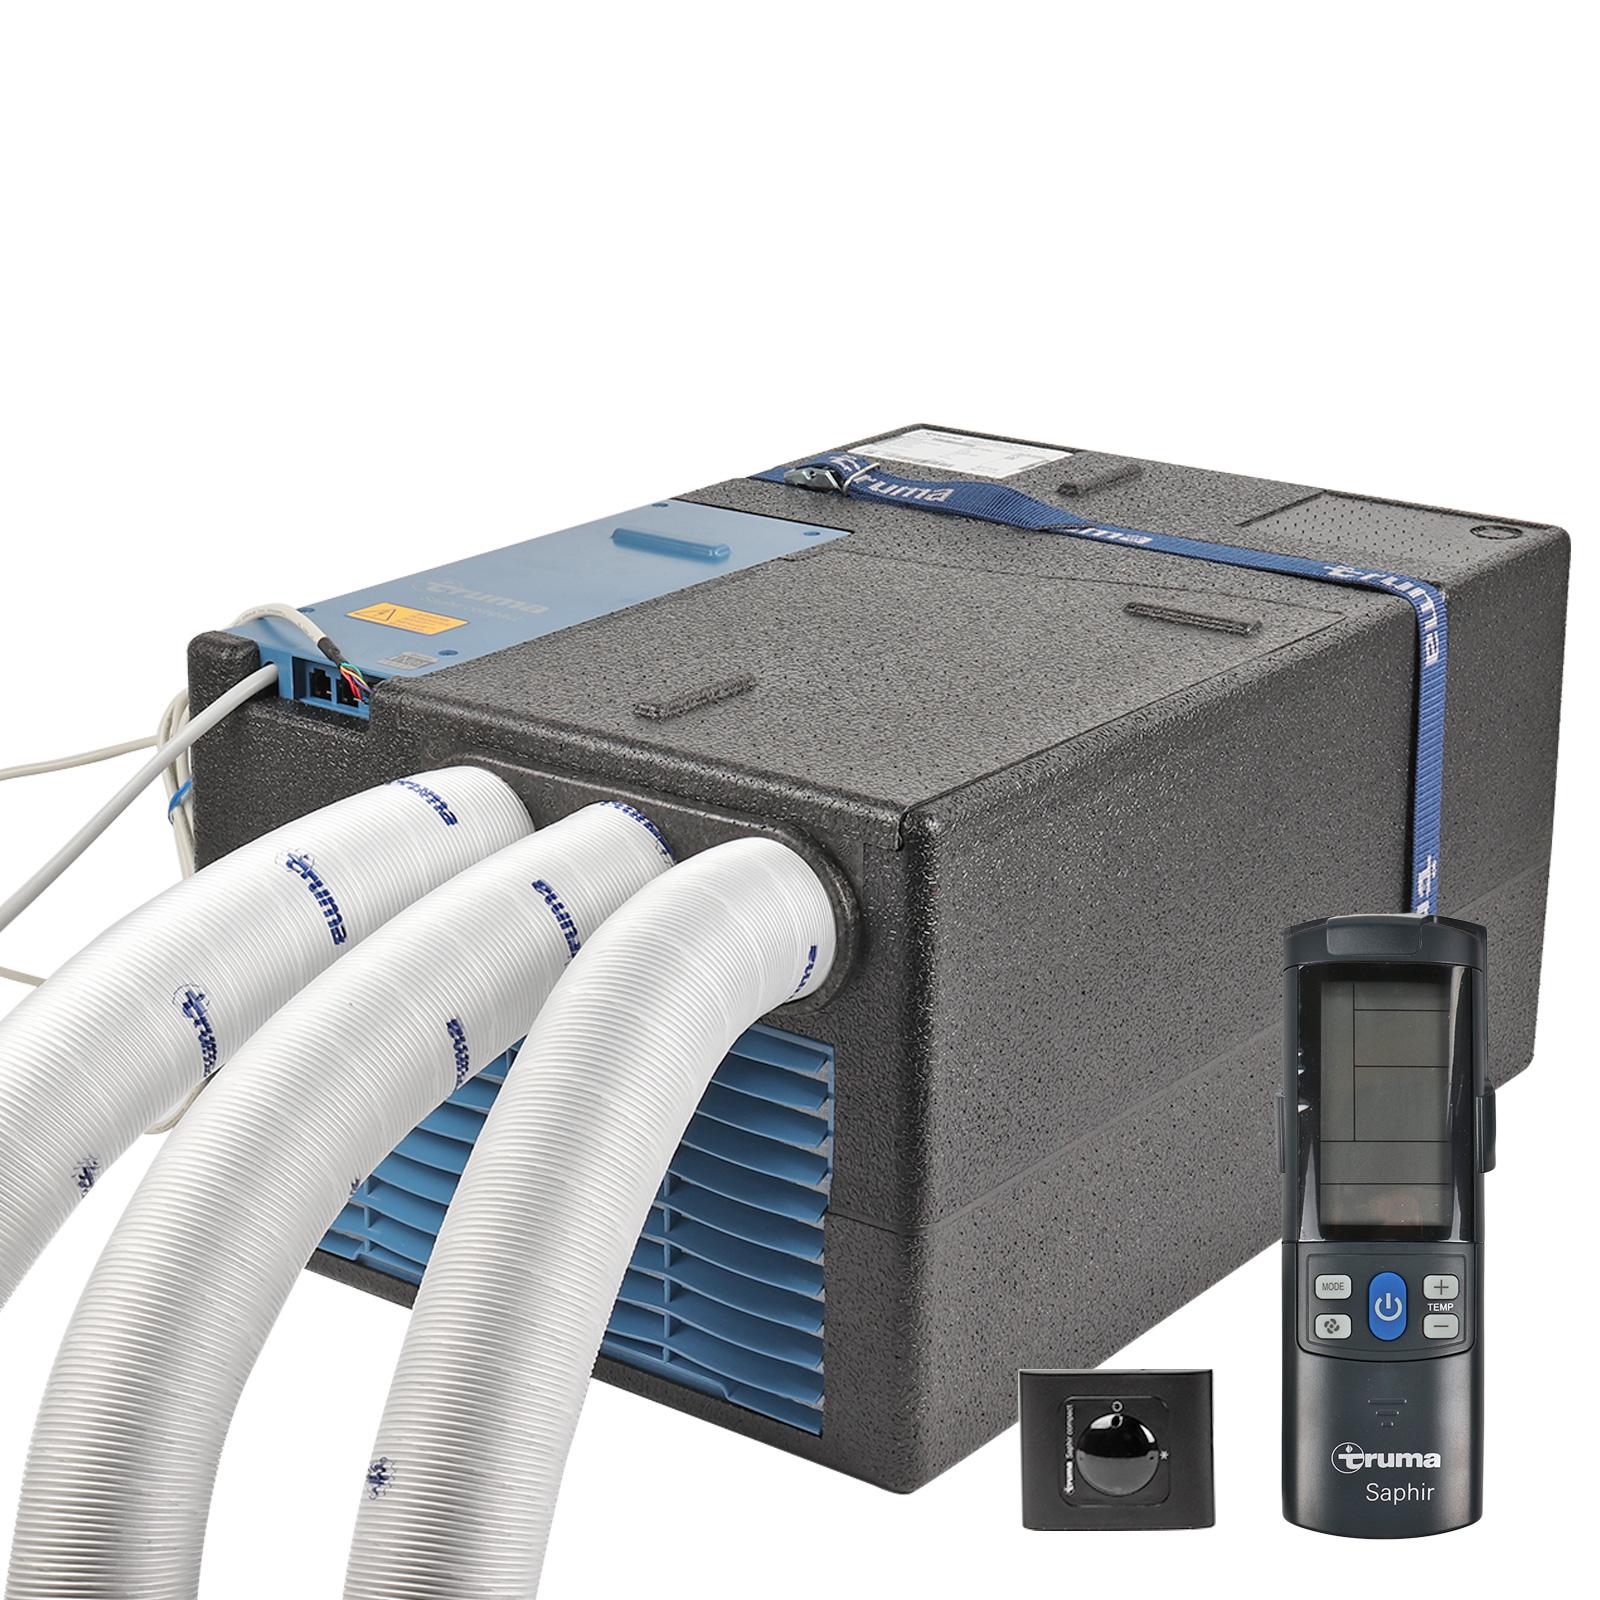 Truma Saphir Compact   Staukasten Klimaanlage   230V   Ffb   Wartungsfrei